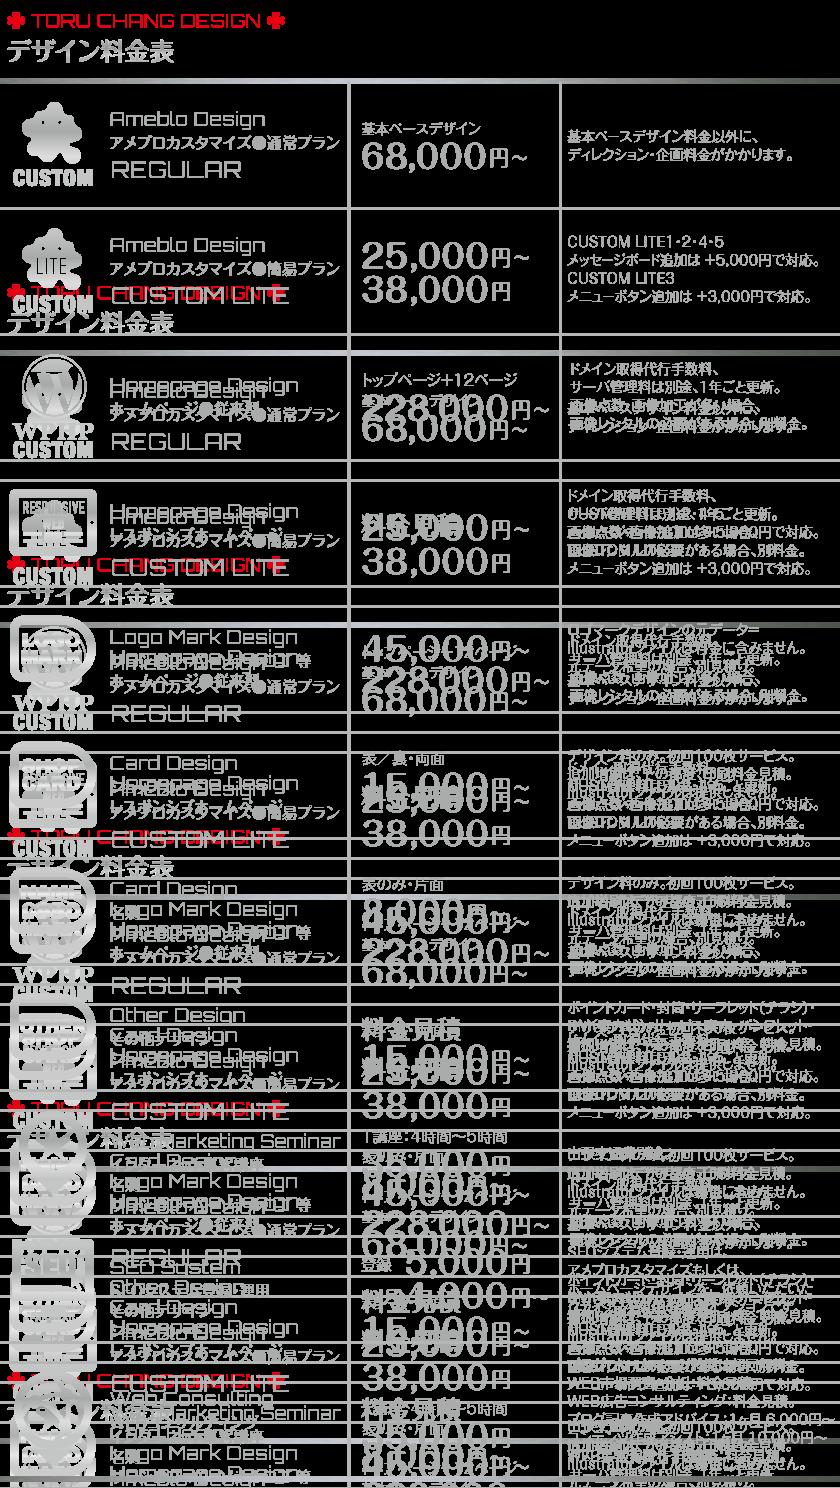 デザイン料金表_アメブロ,カスタマイズ,ホームページ,デザイン,オシャレ,かわいい,ロゴマーク,女性向け,サロン,集客,toruchang,toru chang